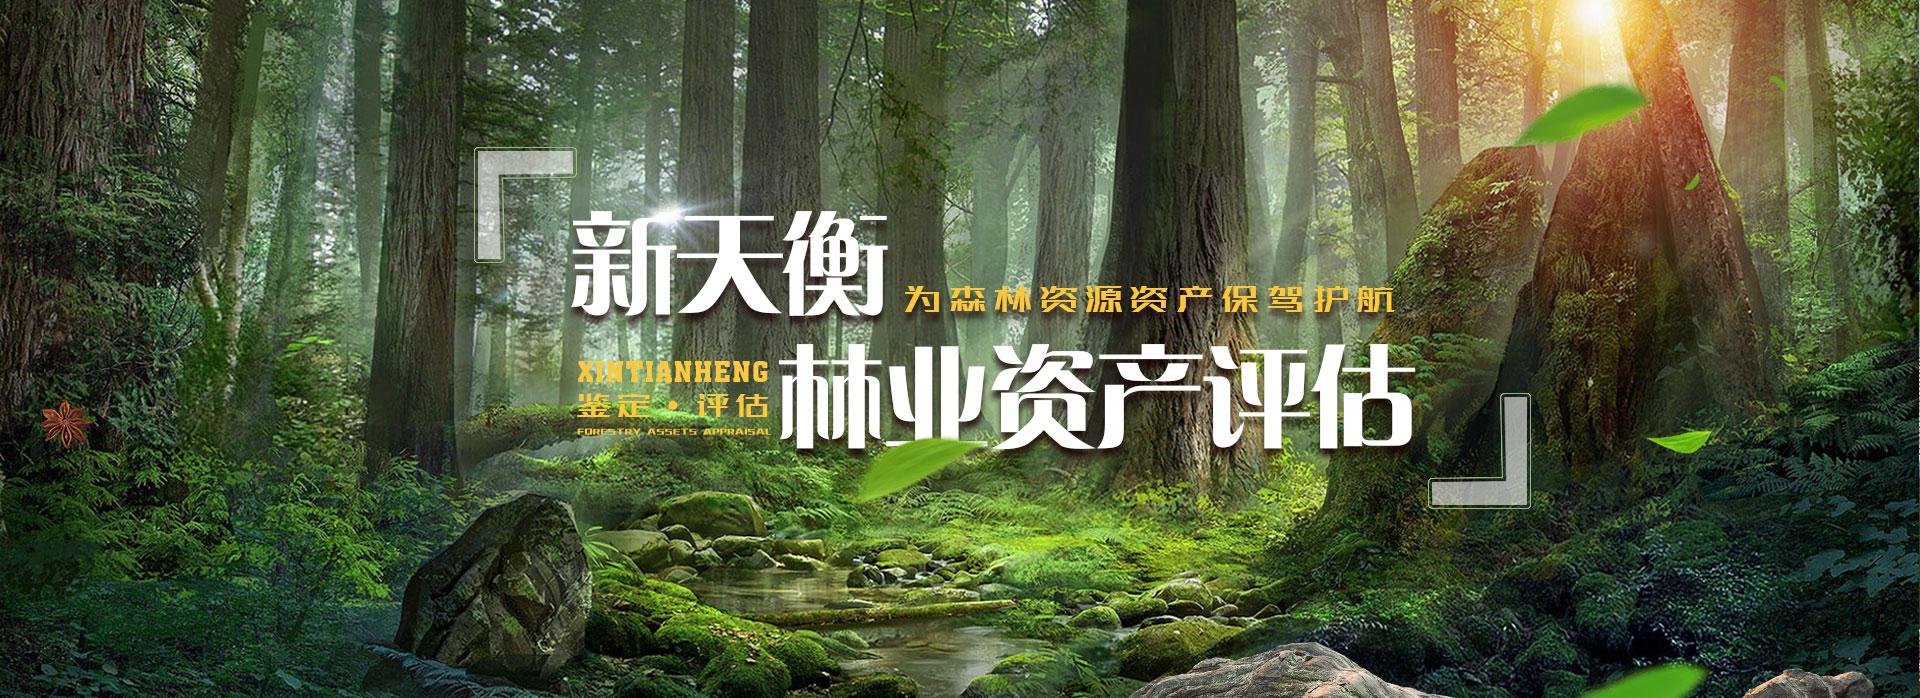 森林资源资产鉴定与评估